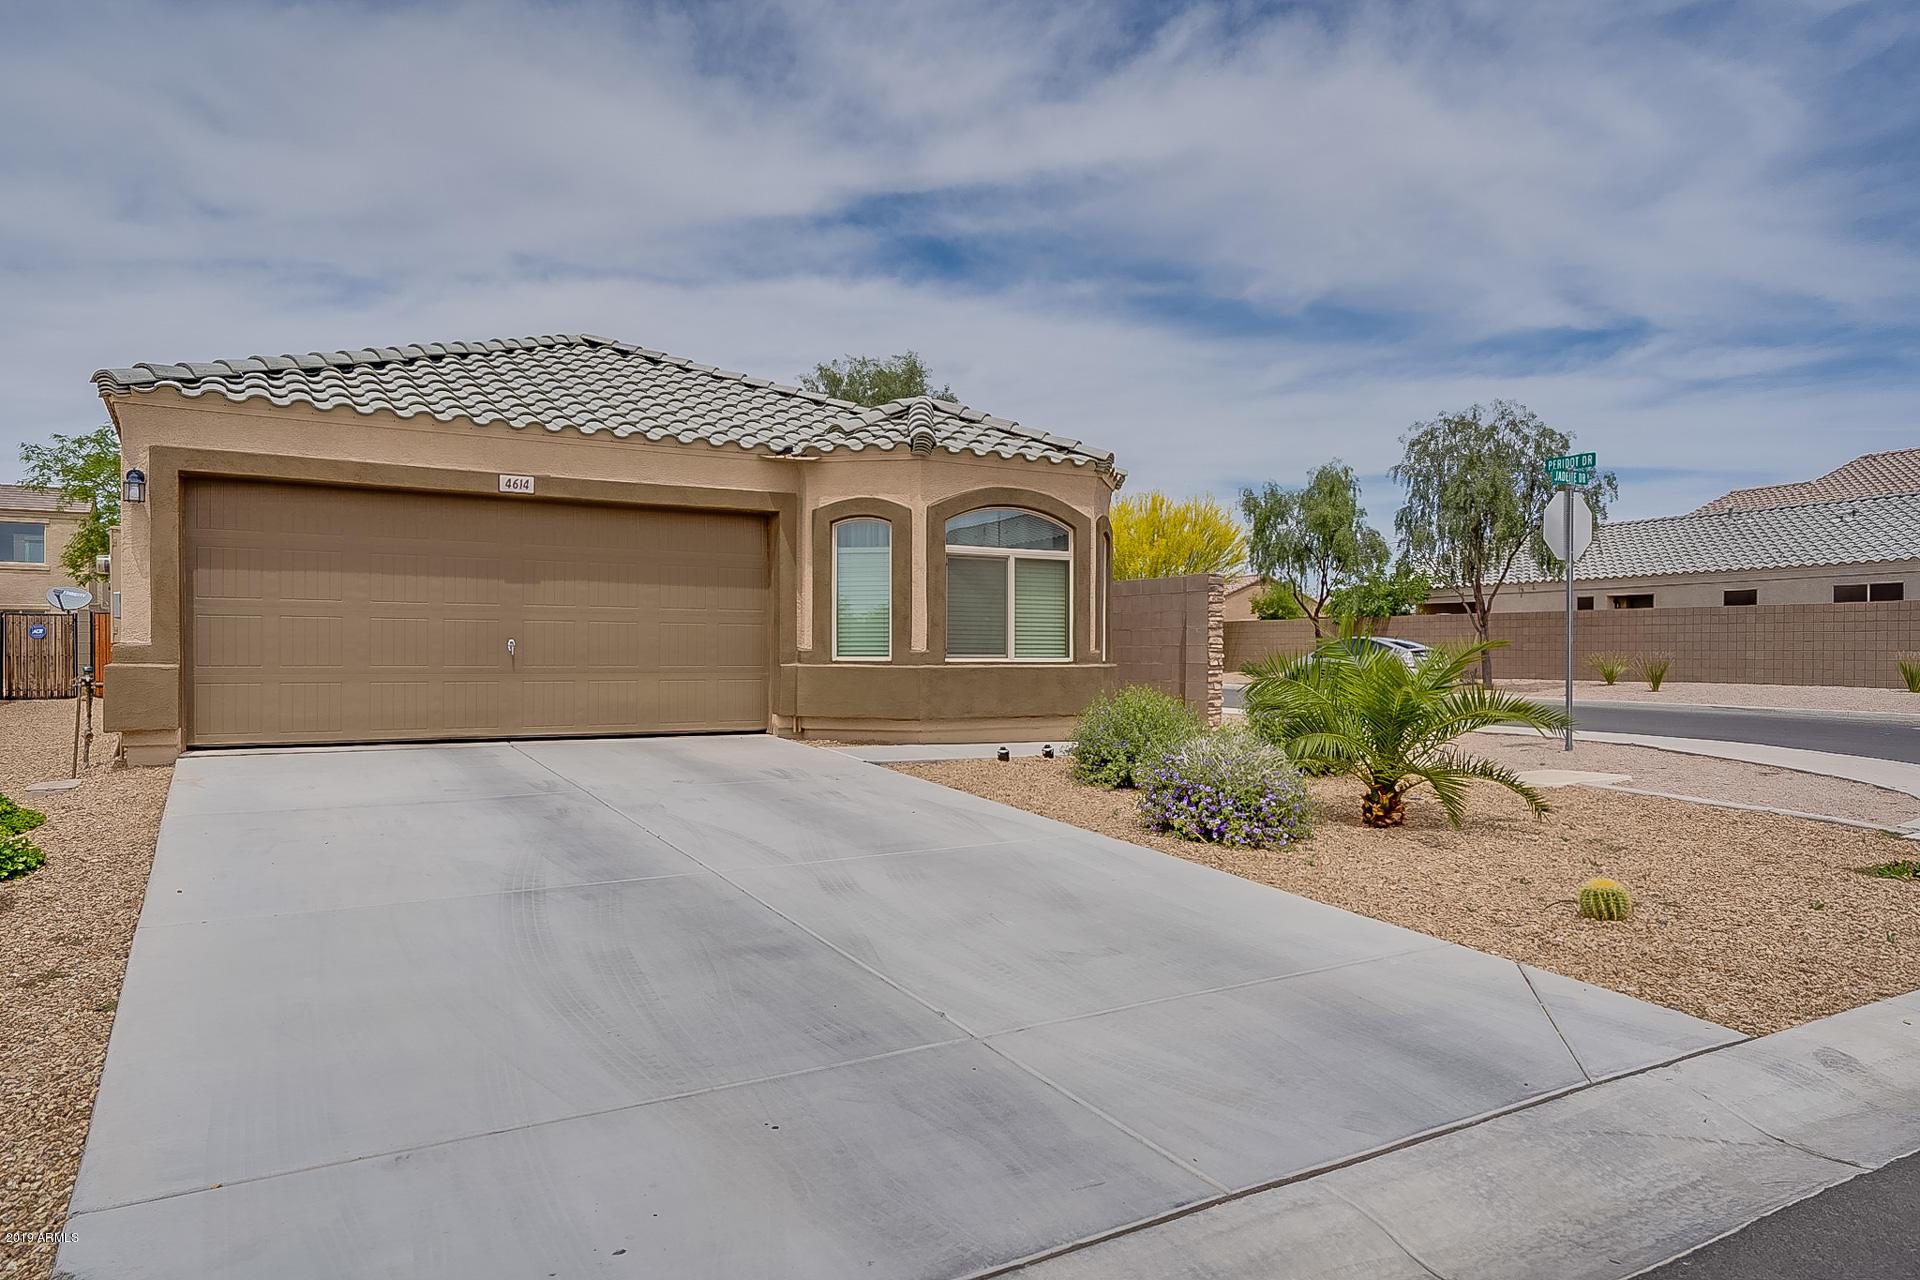 Photo of 4614 E JADEITE Drive, San Tan Valley, AZ 85143